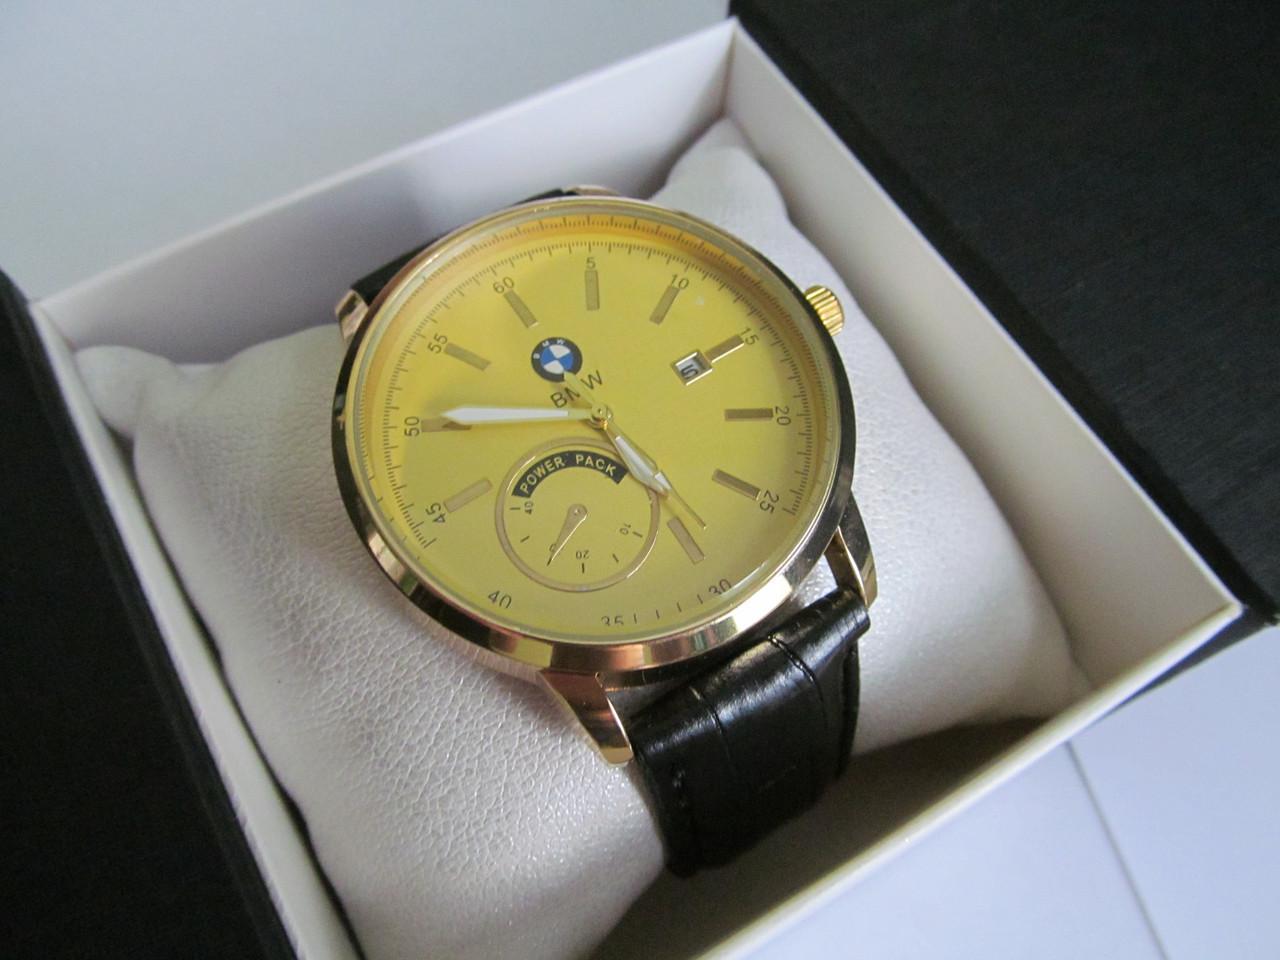 f5fb3cca Мужские наручные часы BMW (БМВ), золотой корпус - Интернет-магазин